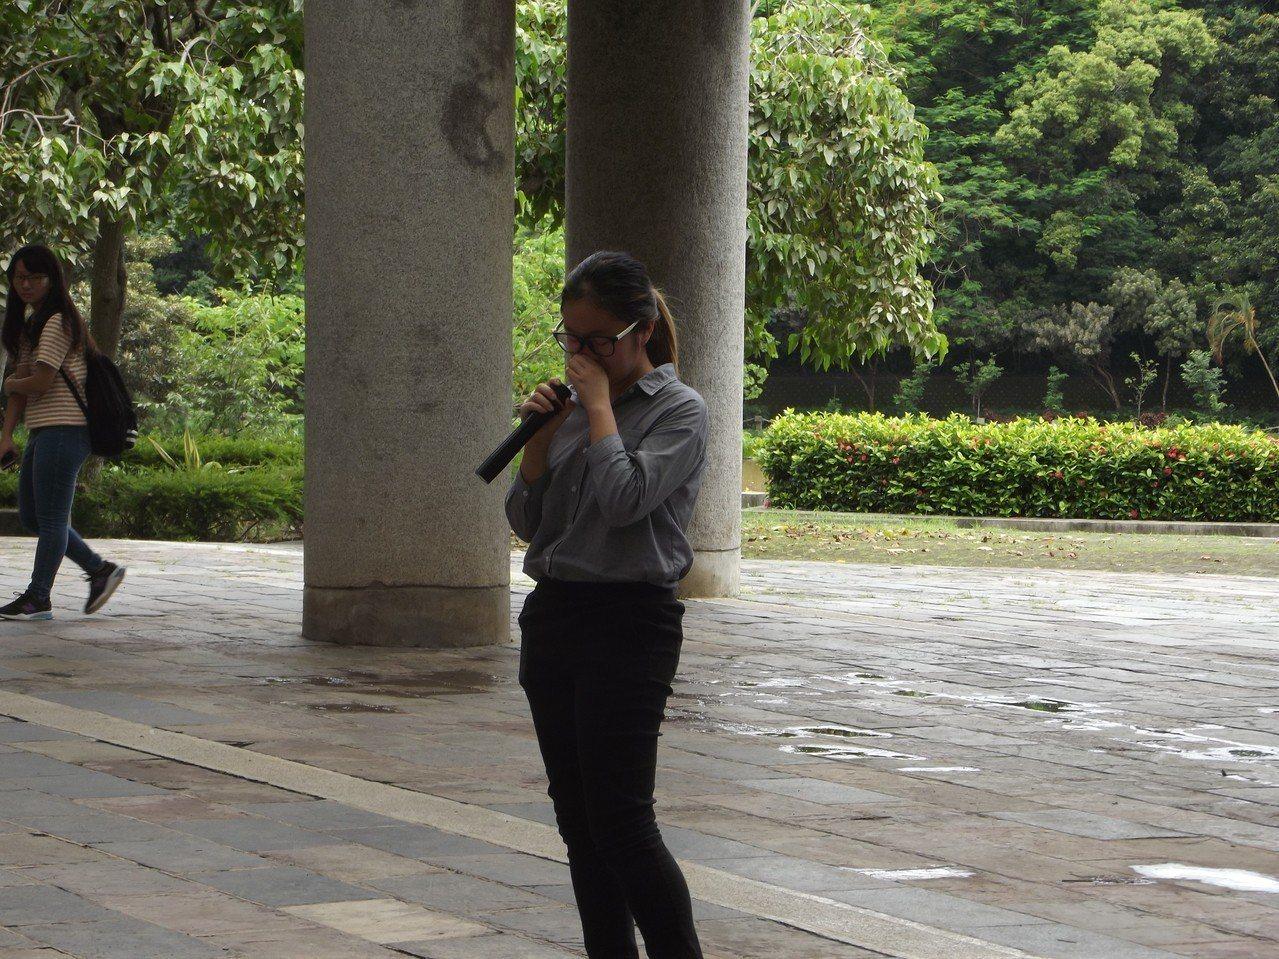 與會香港學生講到反對修改「逃犯條例」抗爭事件不禁落淚。記者謝恩得/攝影